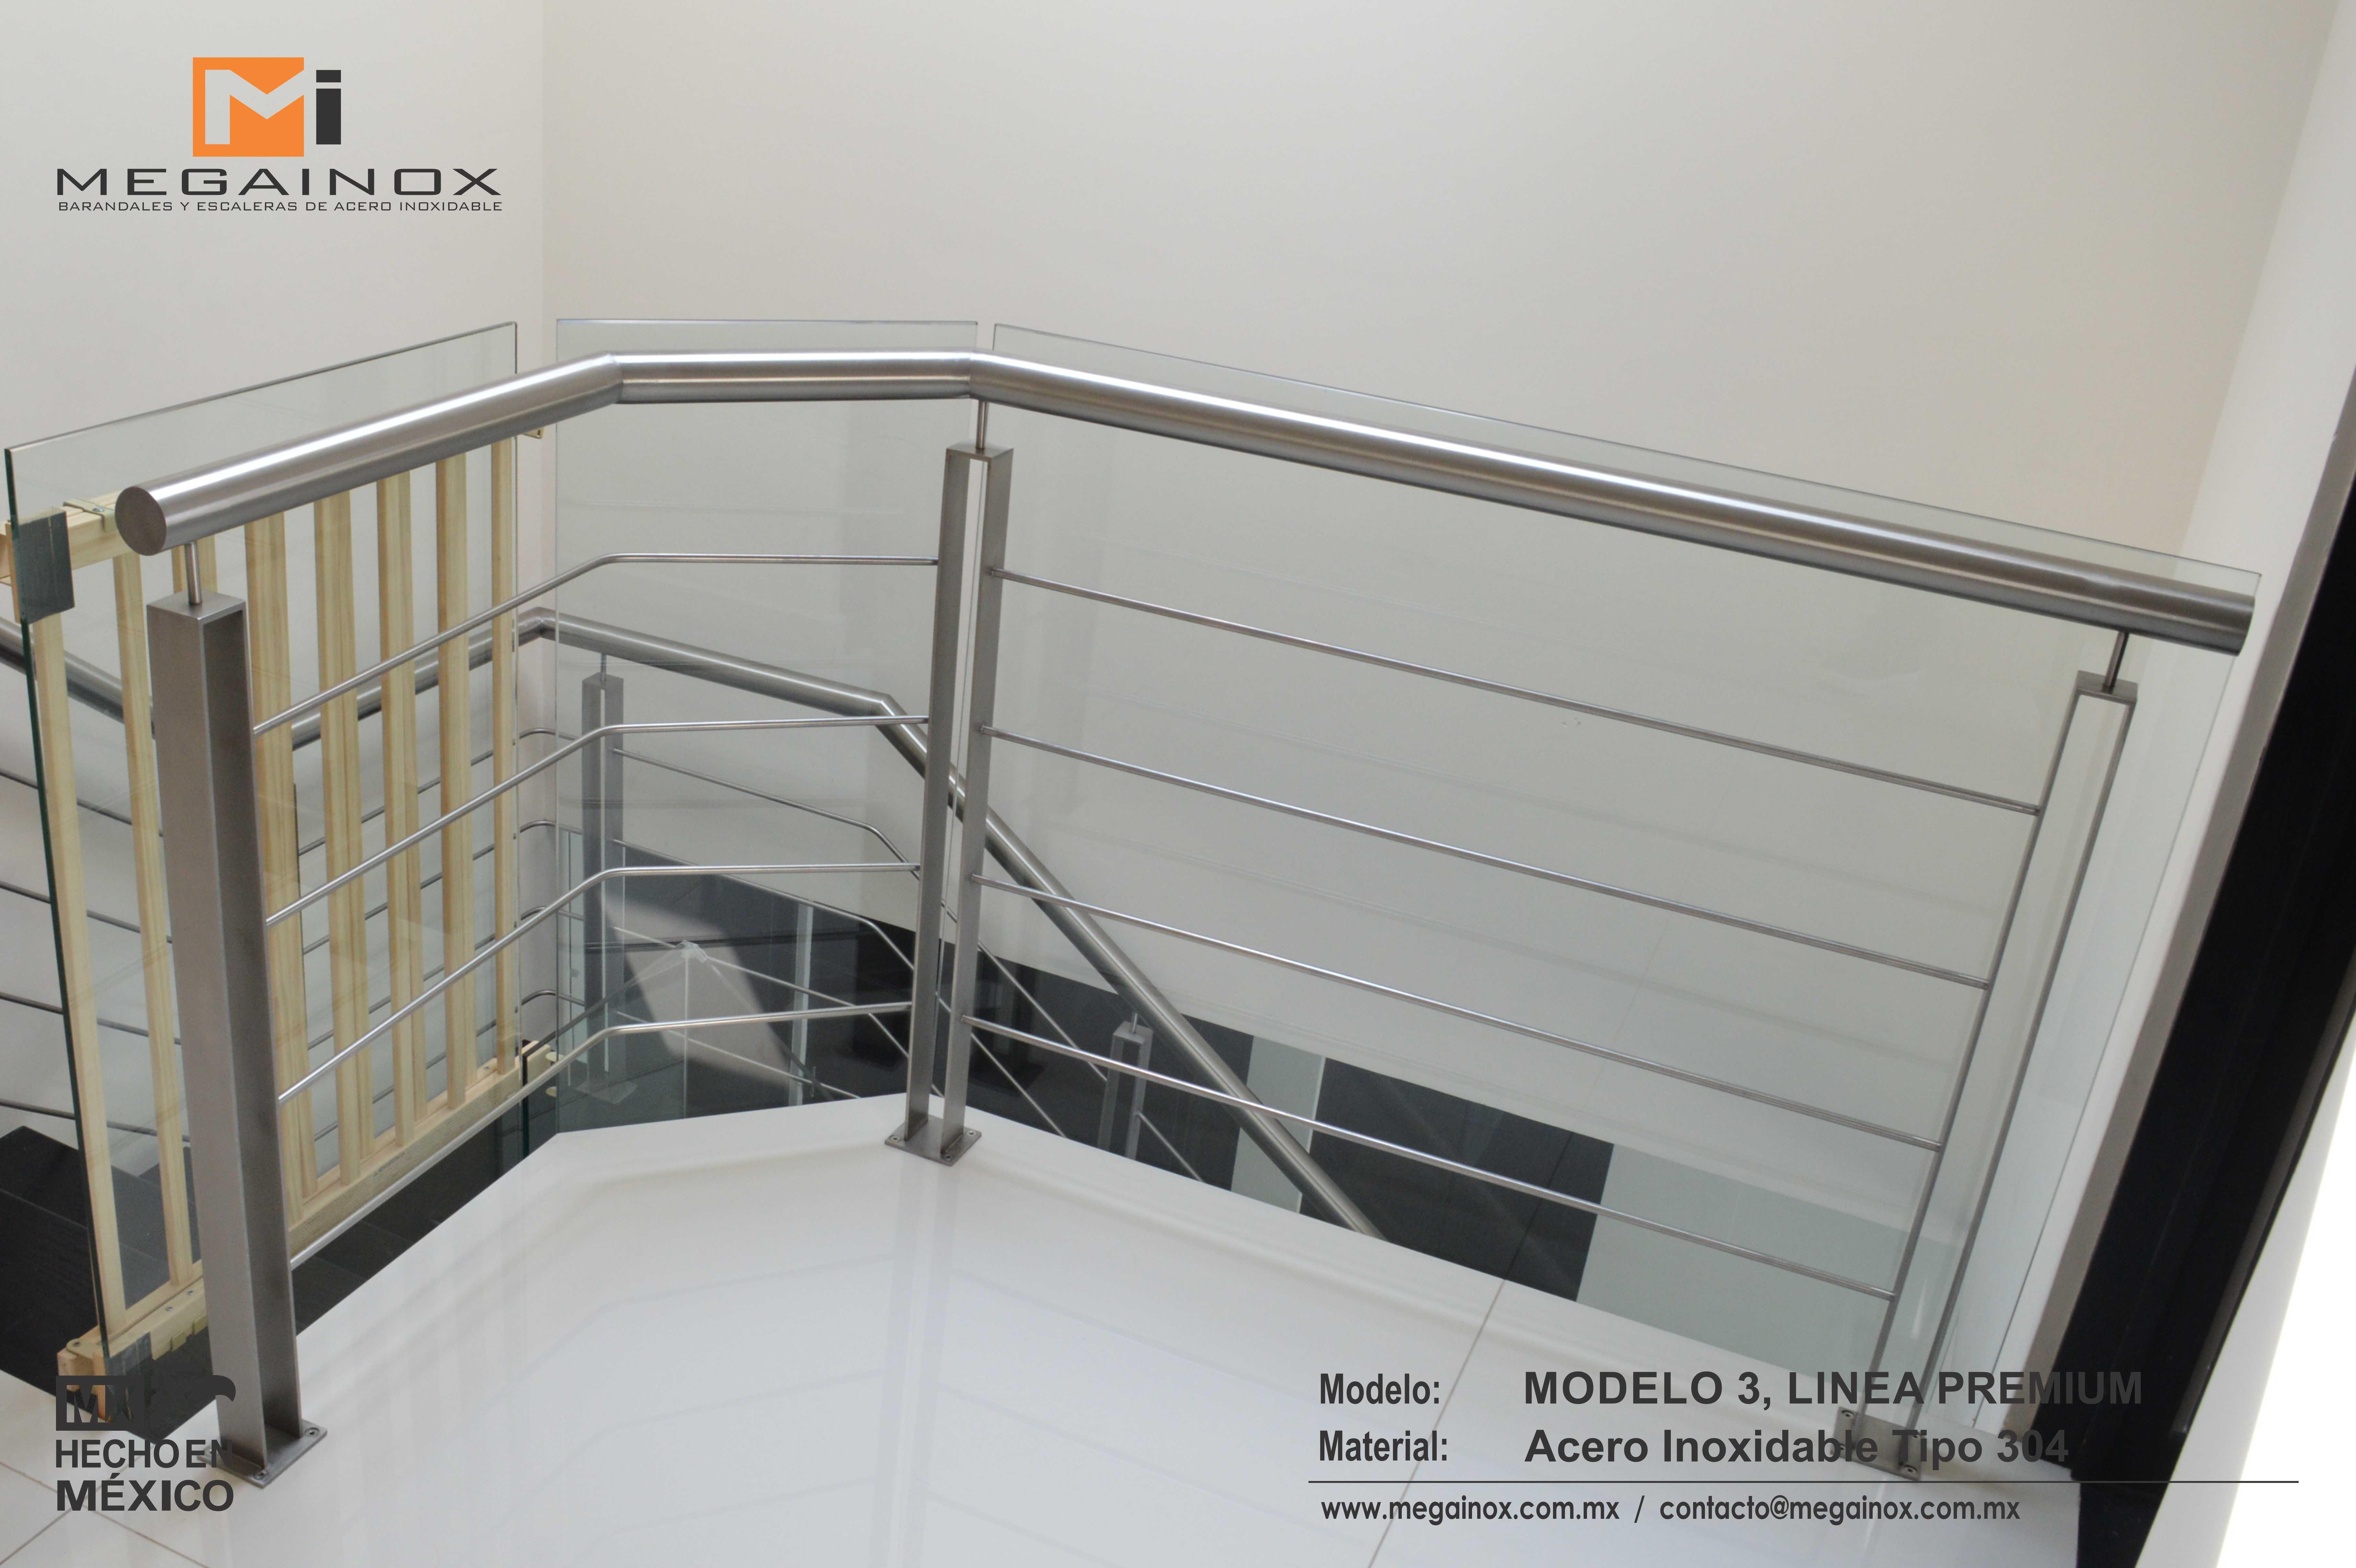 Modelo 3, Línea PREMIUM